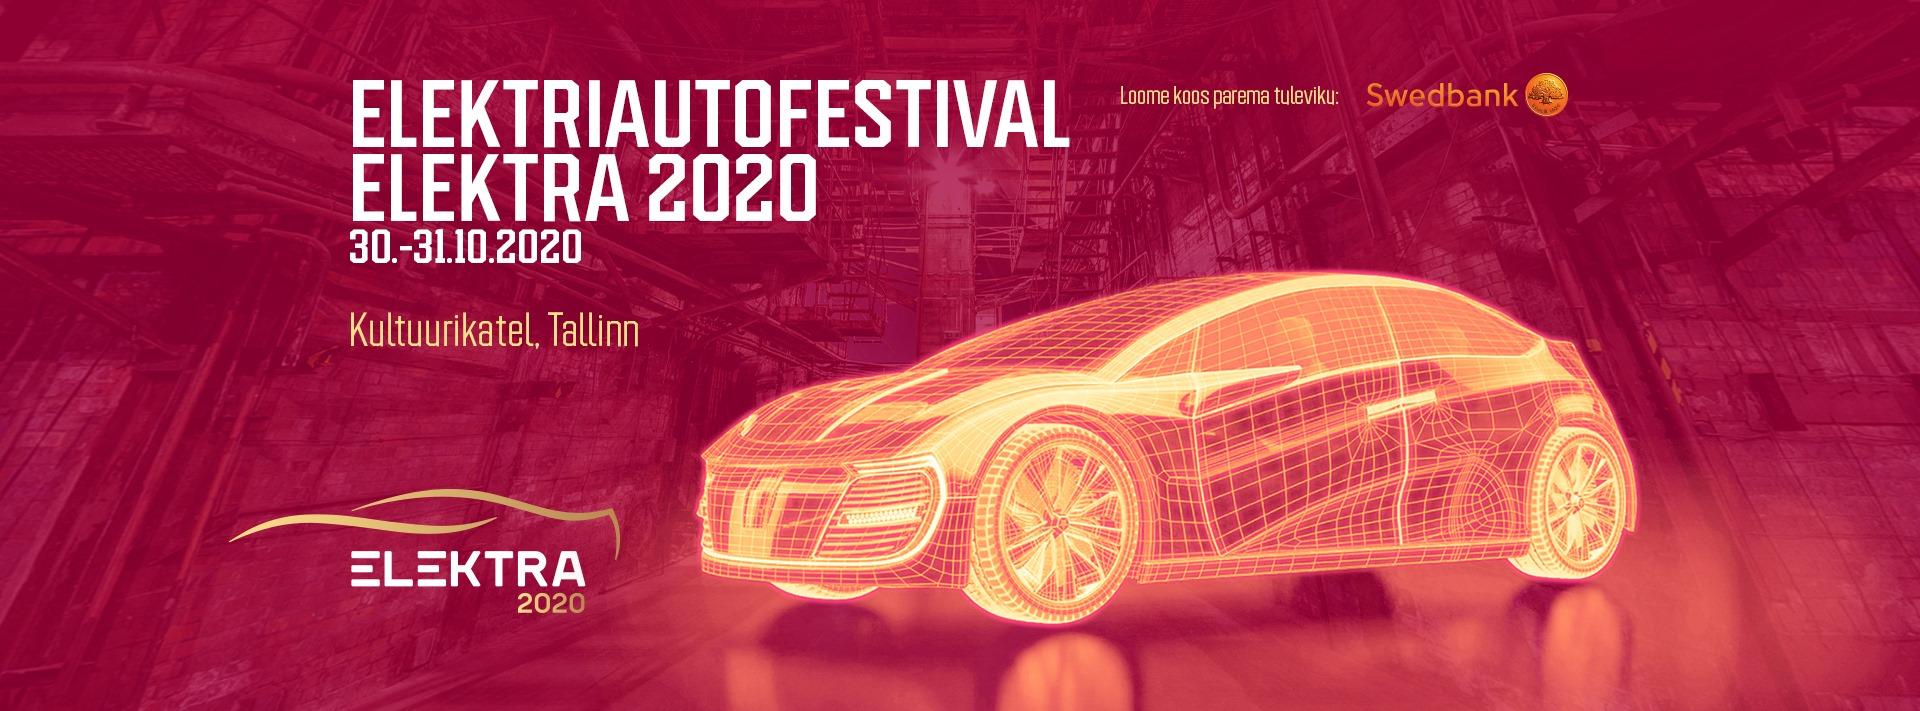 12771'Elektra 2020' electric car festival